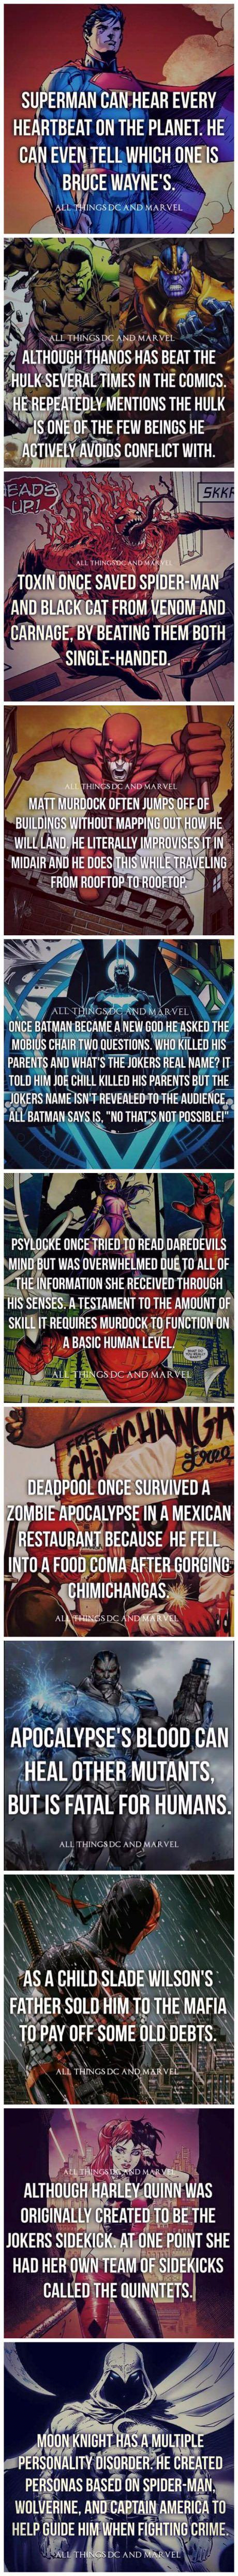 Superhero Facts! I feel so ill fully informed! I knew none of this! #SonGokuKakarot